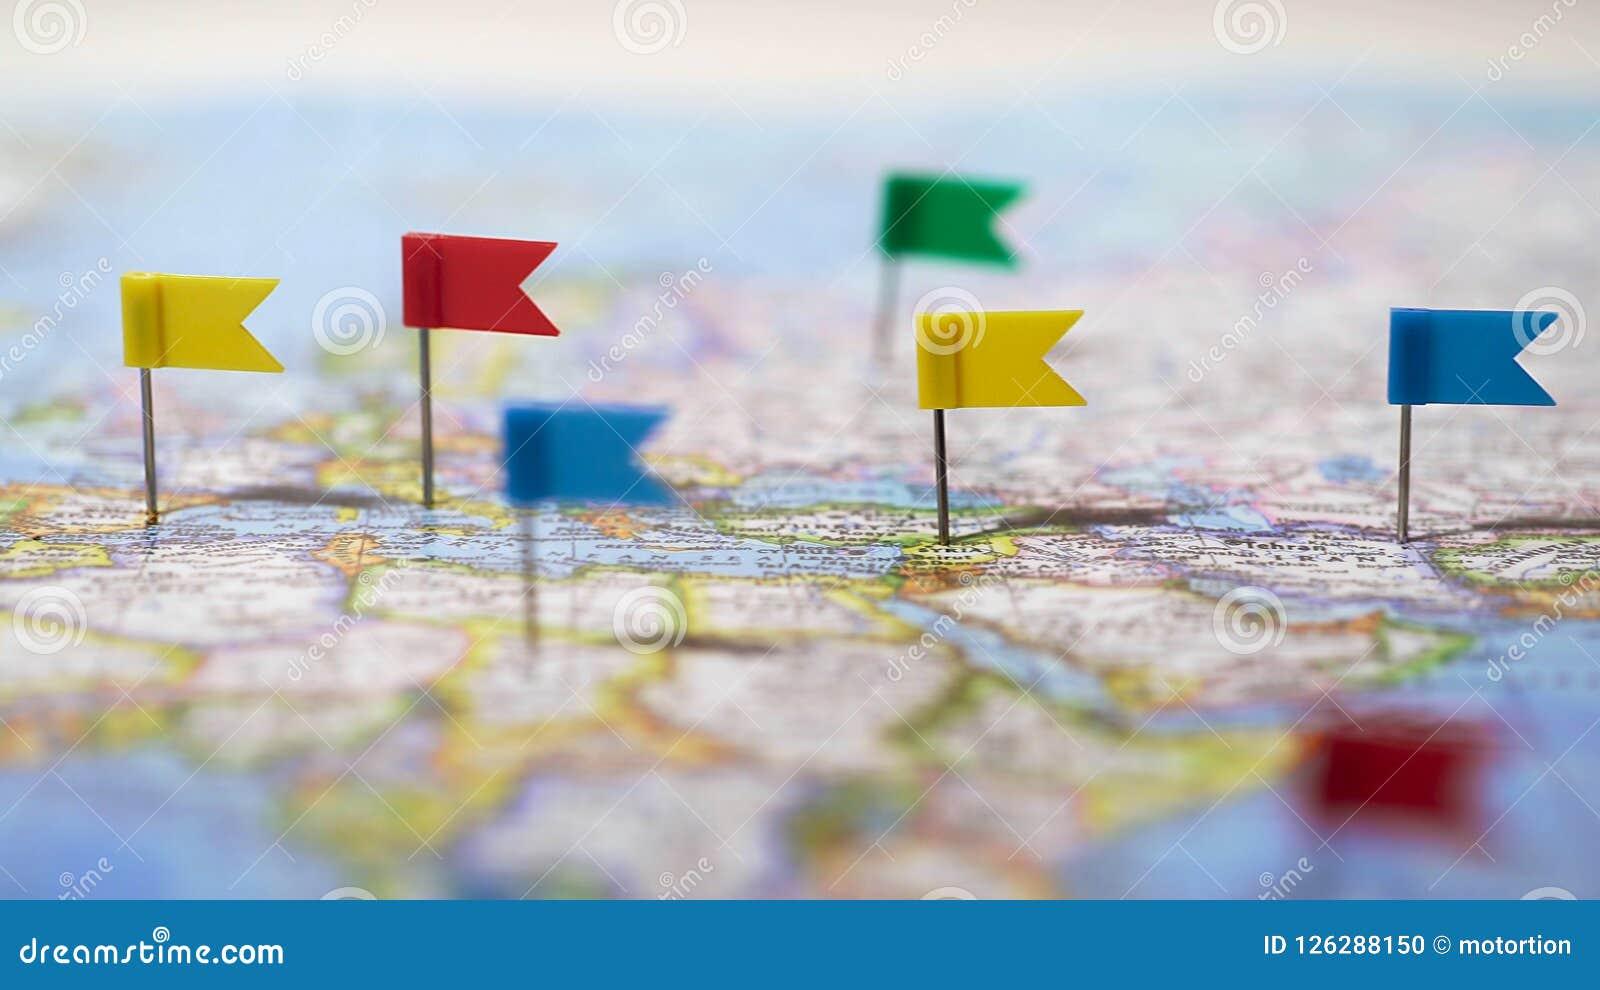 Molte posizioni segnate con i perni sulla mappa di mondo, rete di comunicazione globale